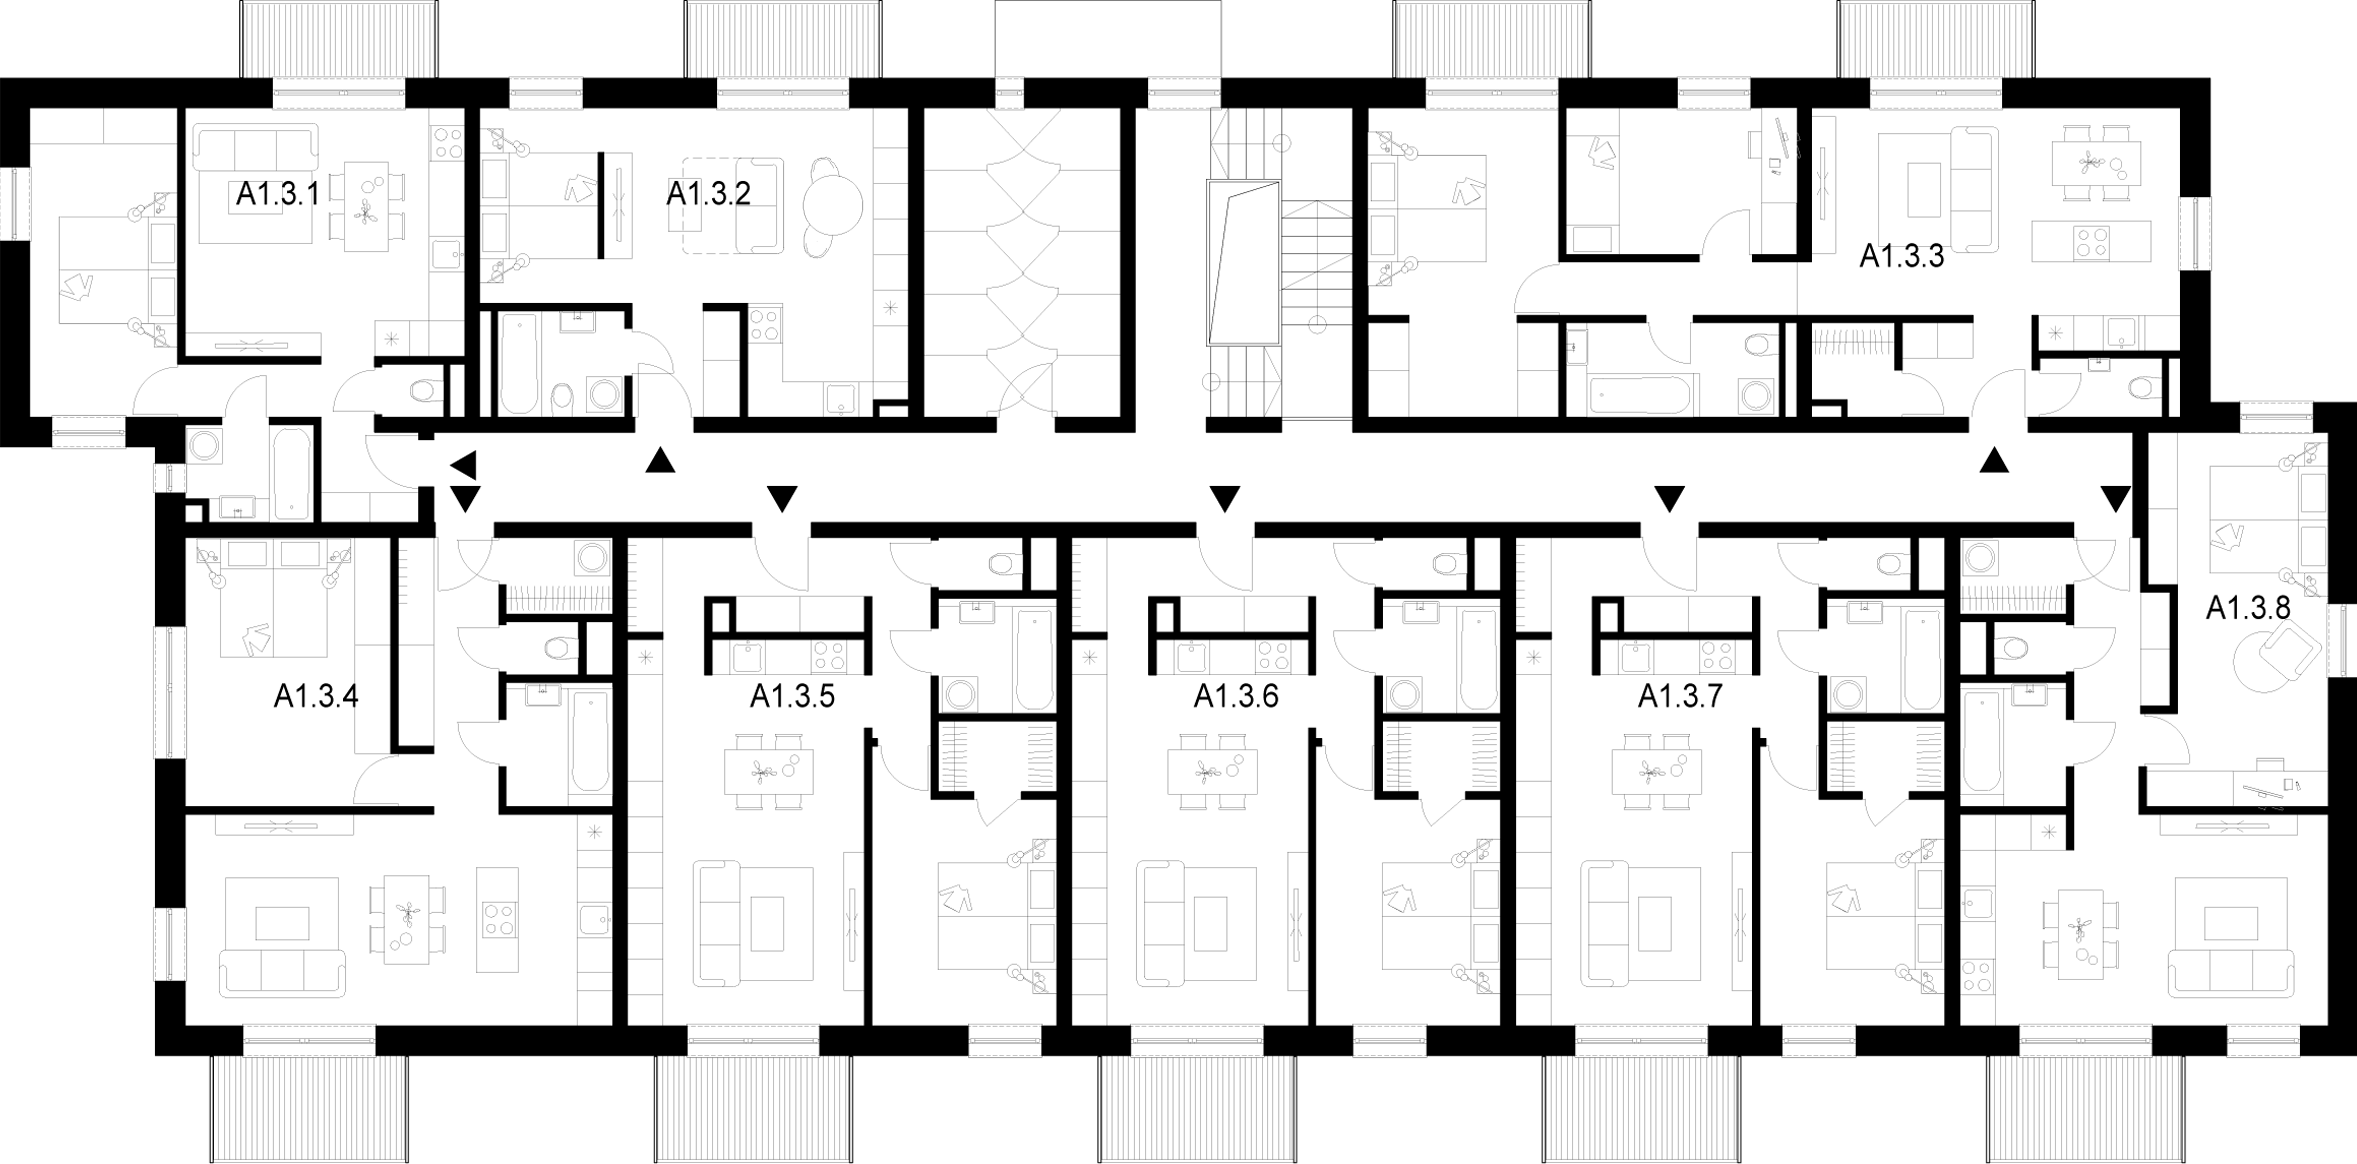 SO-01.A1 – 3. NP